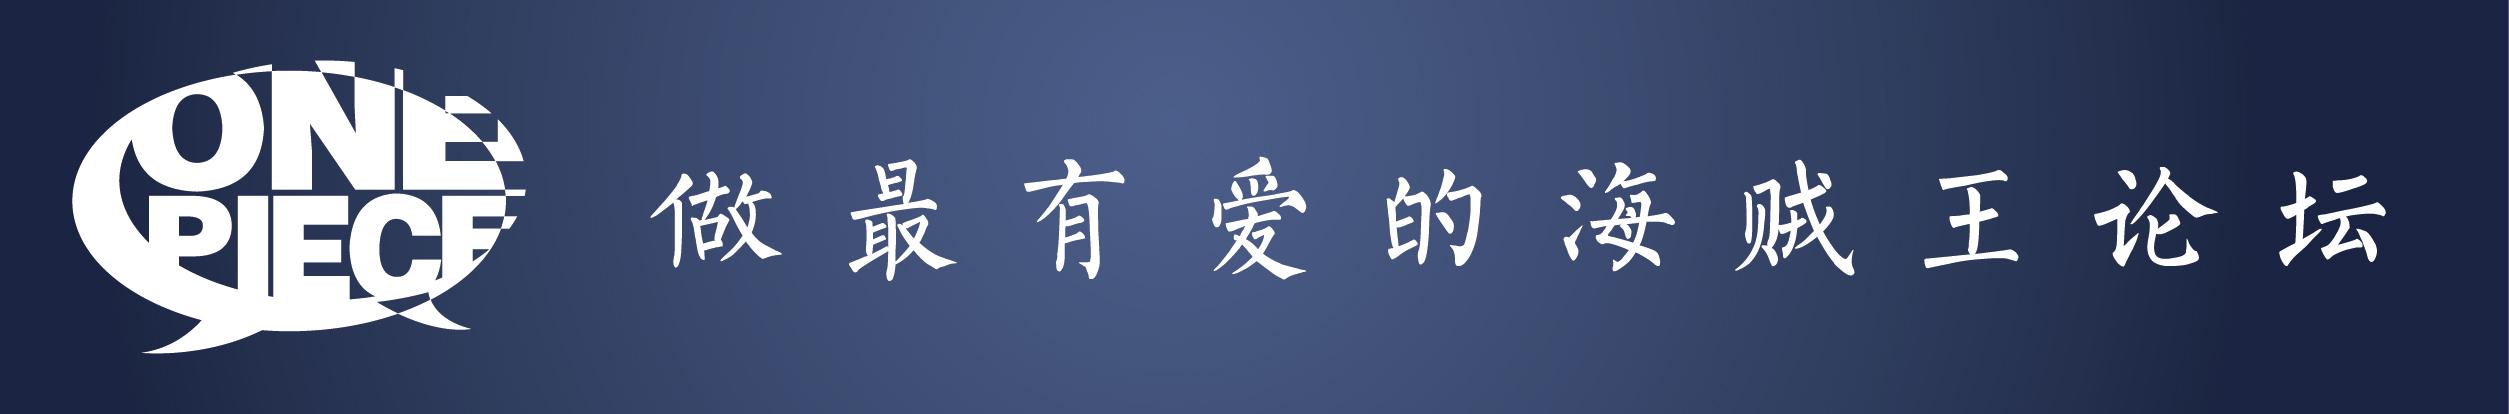 论坛logo-02.jpg